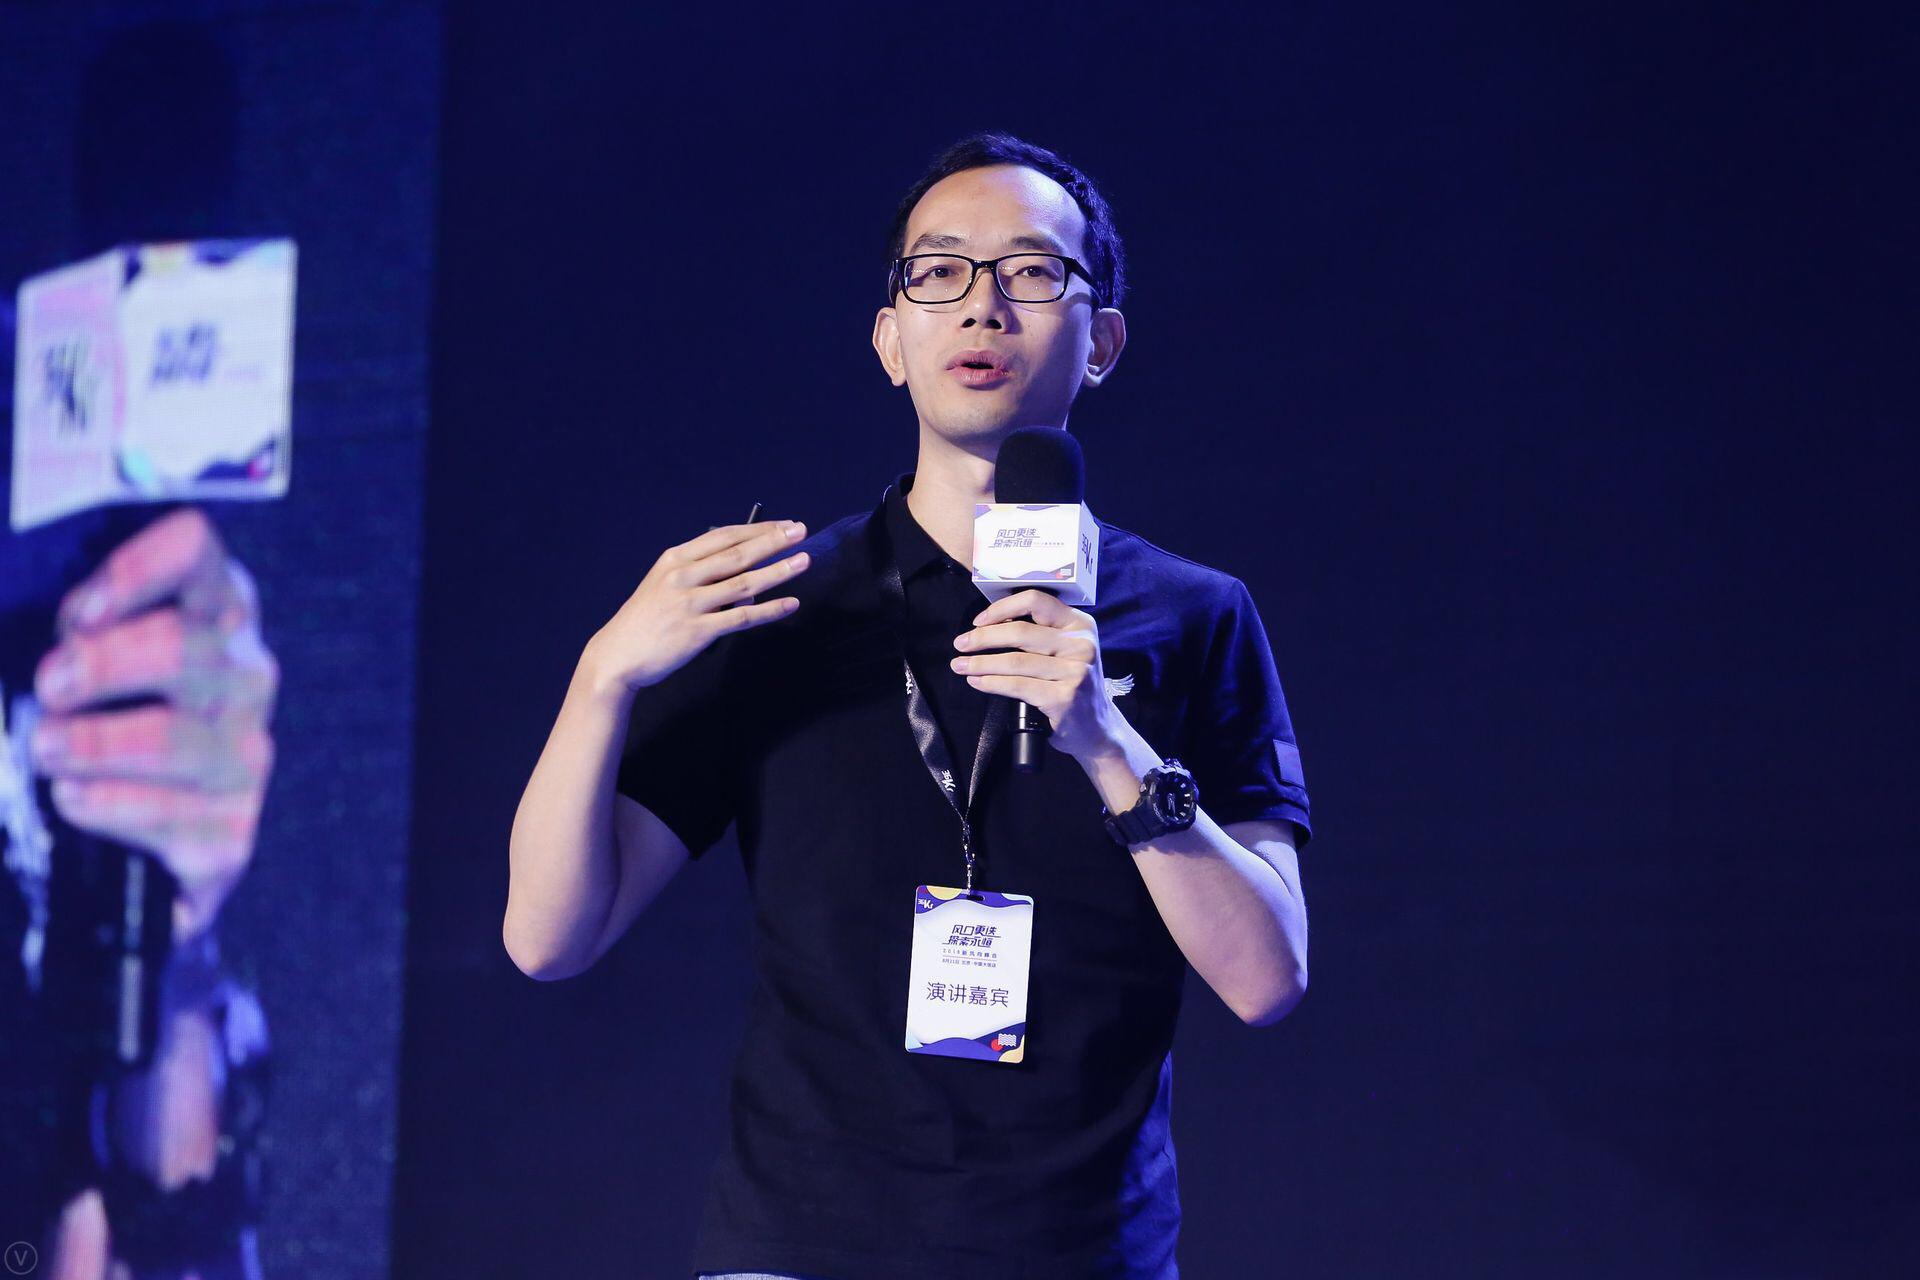 鄢贤卿:腾讯文档持续发力 月活跃用户超1600万